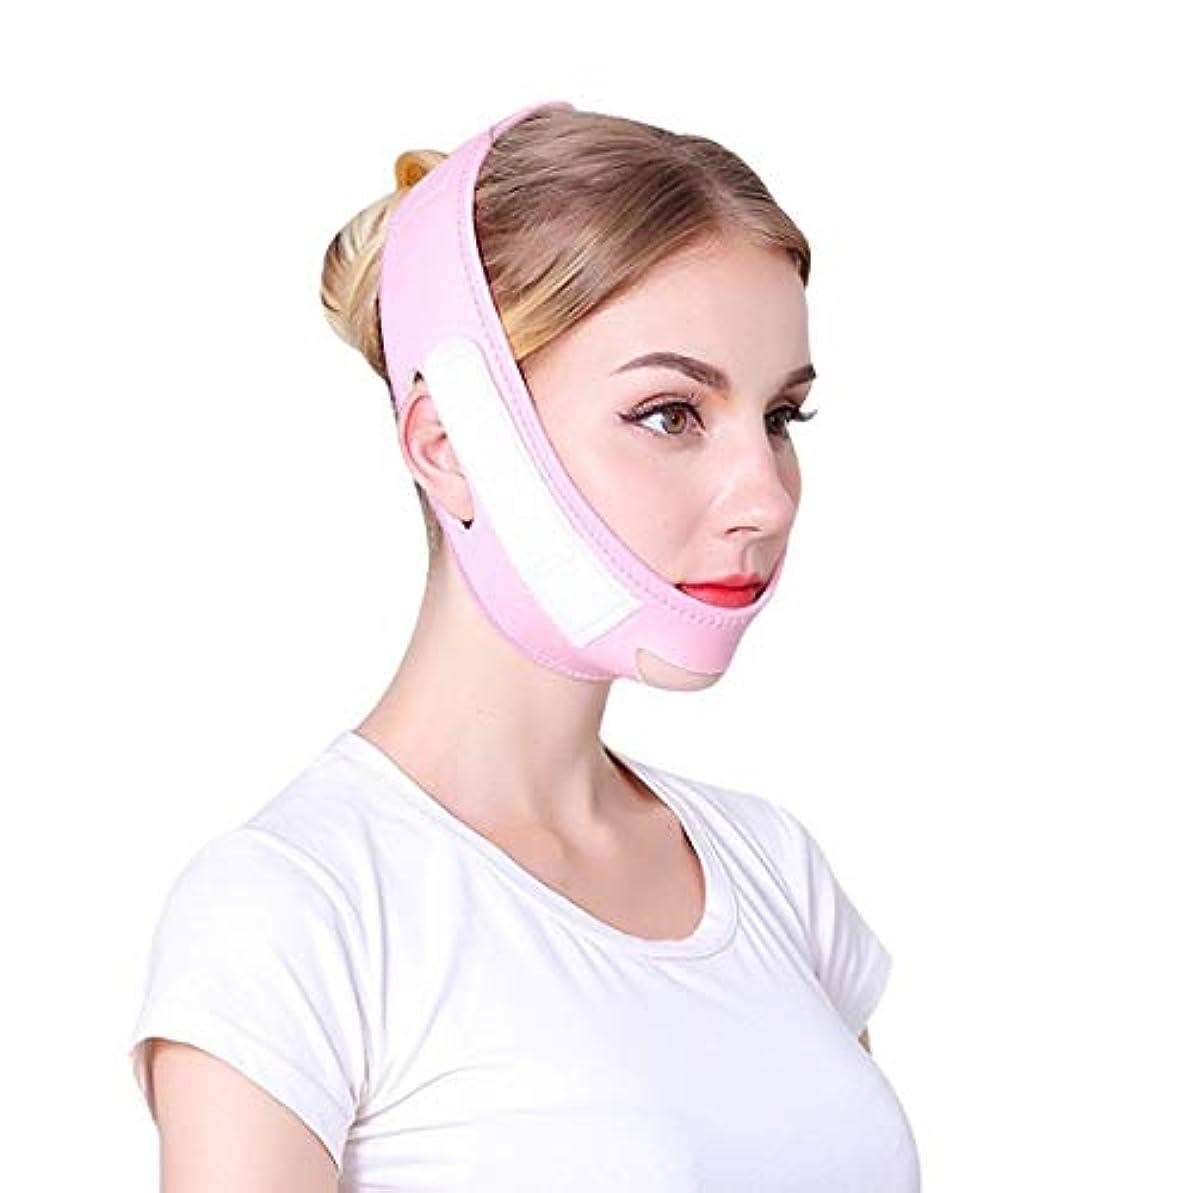 十分です主にプロジェクターZWBD フェイスマスク, 痩身Vマスク二重あごケア減量美容ベルト付きフェイスリフティング包帯顔の減量マスクリフティングフェイス